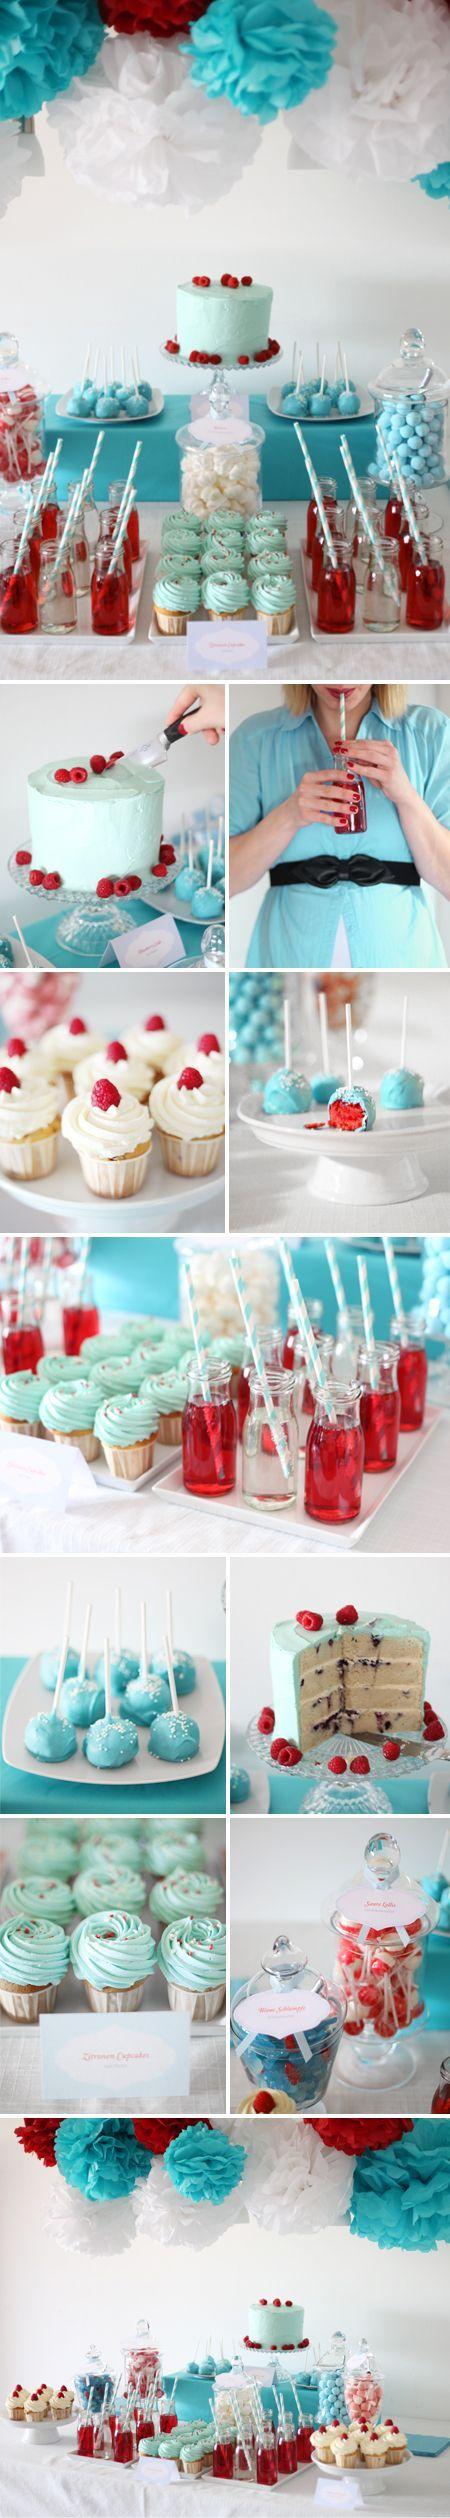 festa azul e vermelho001.jpg (450×2518)